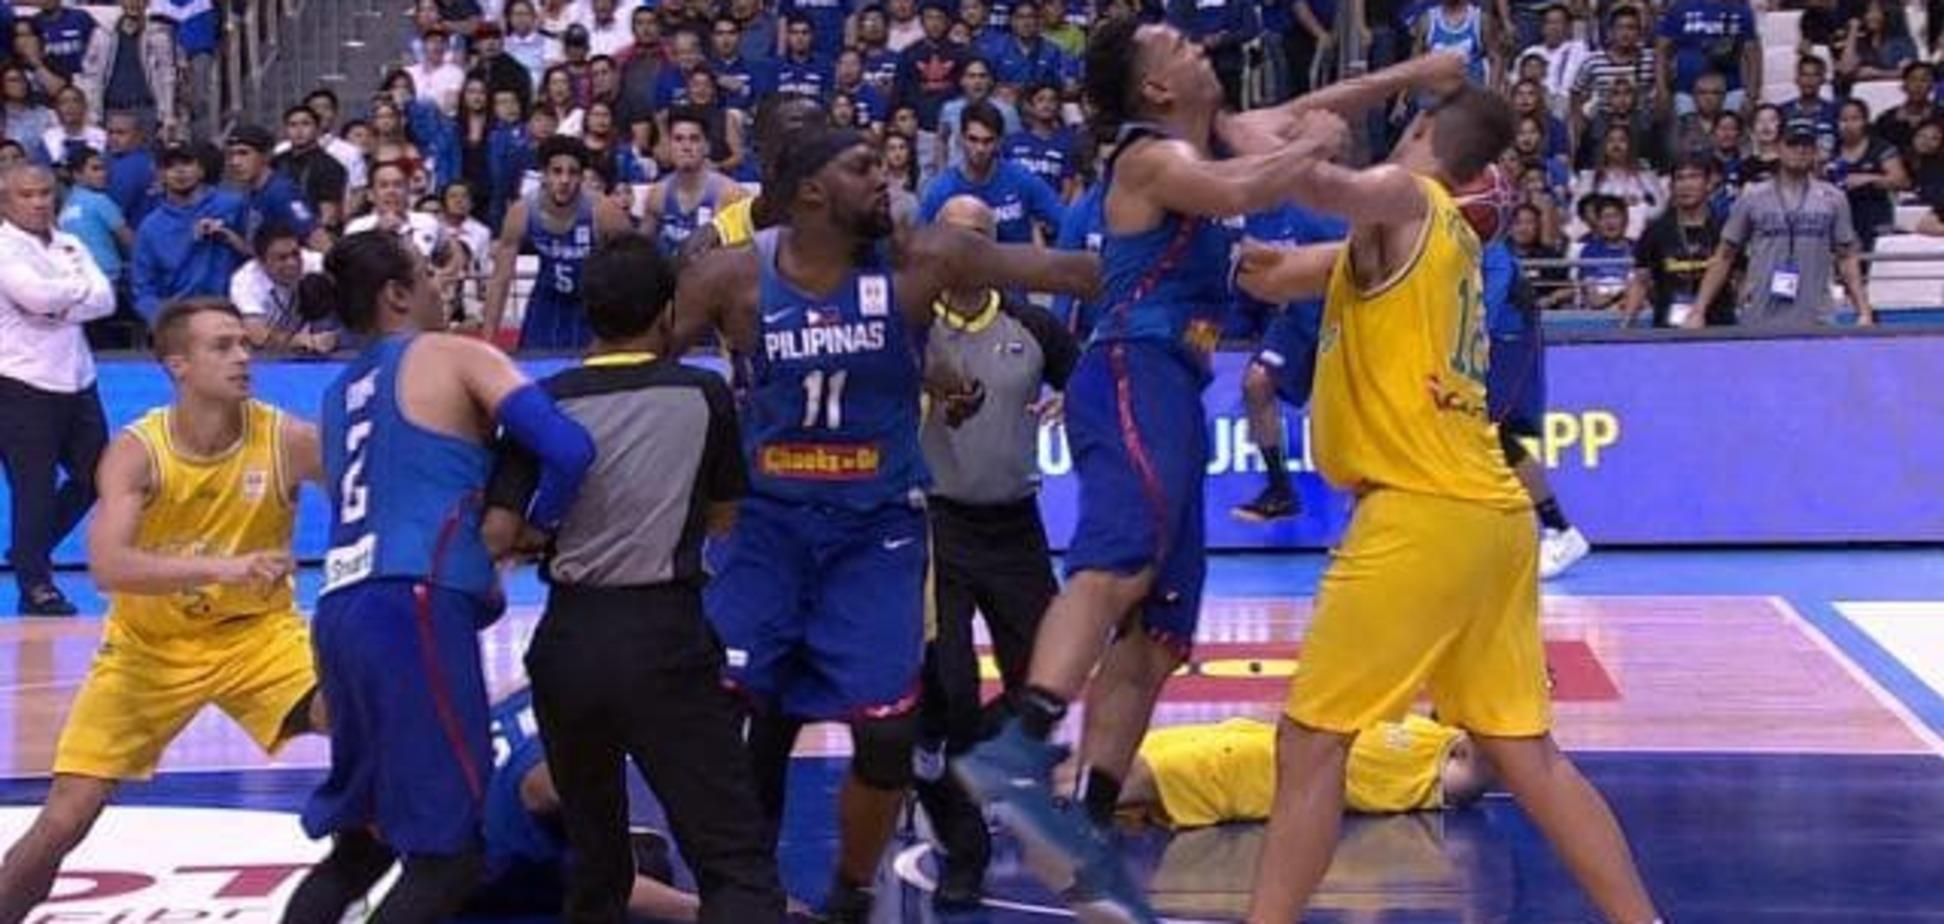 Треш дня: справжня бійня сталася в матчі збірних Філіппін і Австралії з баскетболу